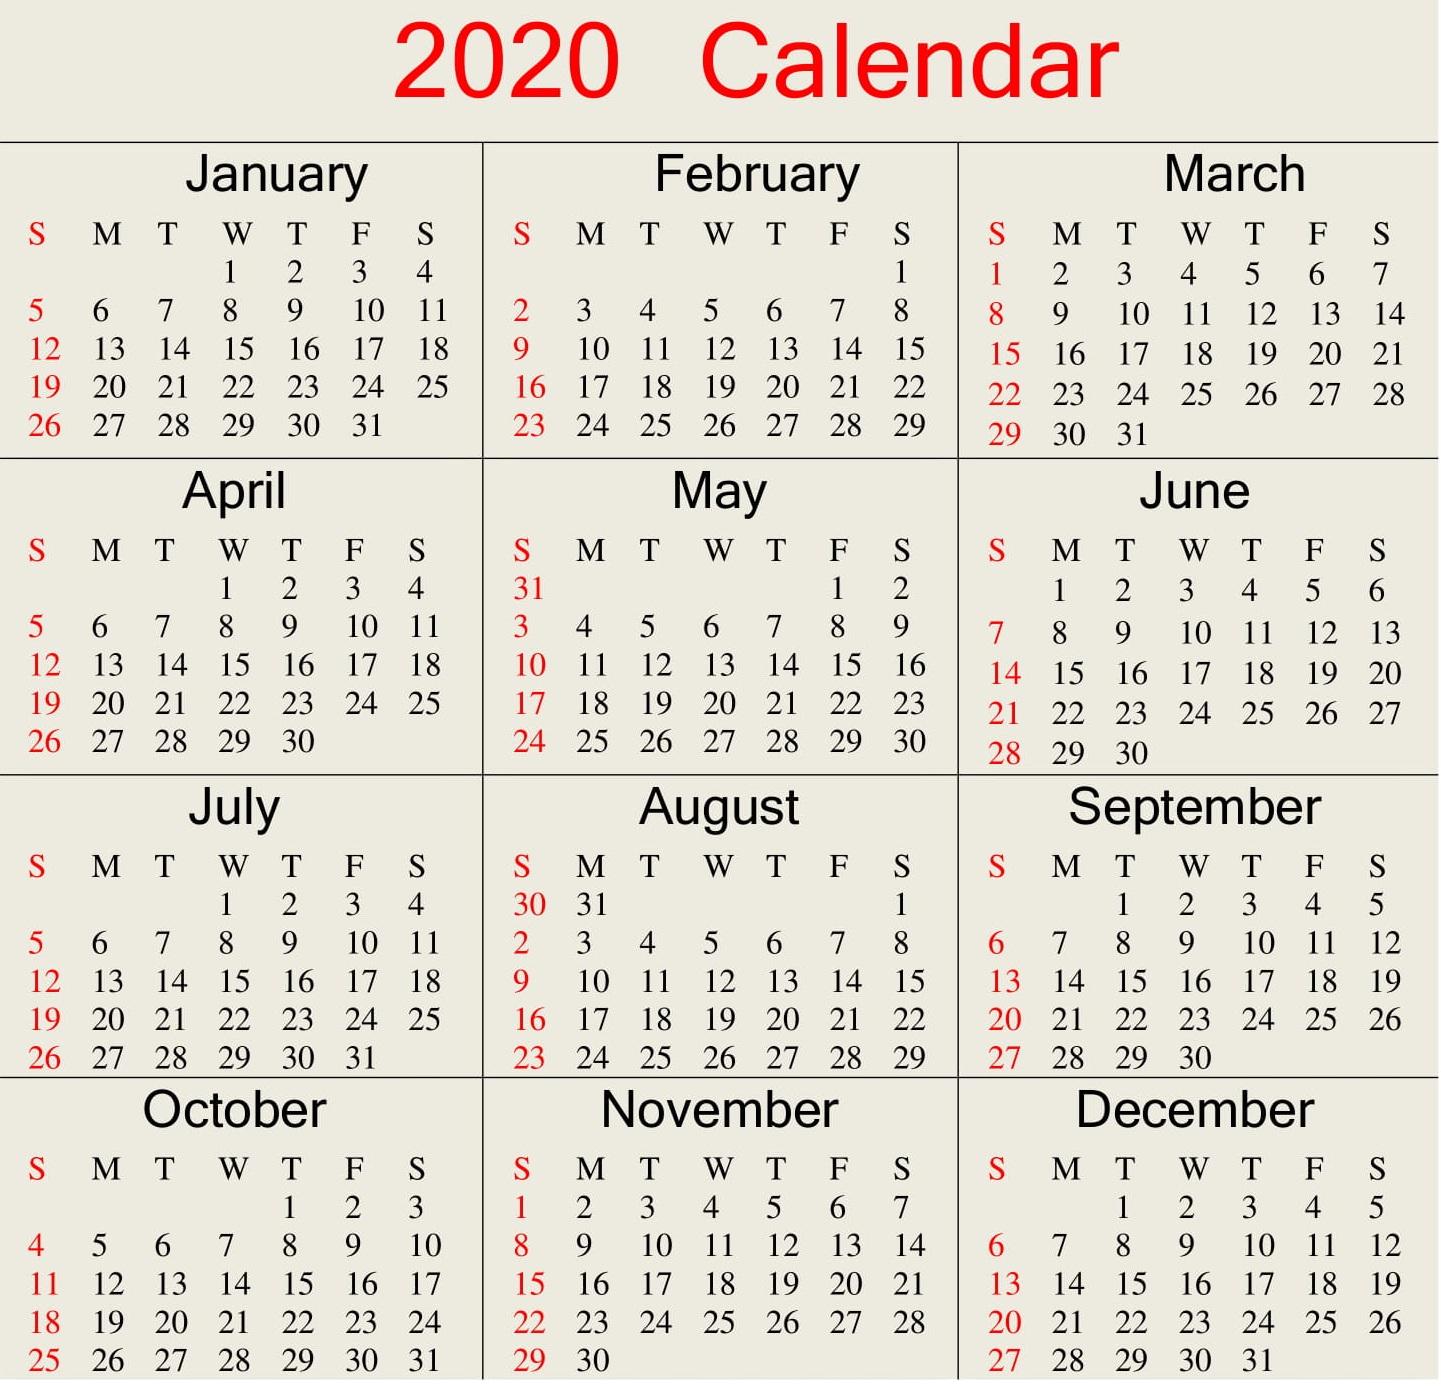 Printable 2020 Calendar Word Document  Latest Printable regarding Julian Date Calendar 2020